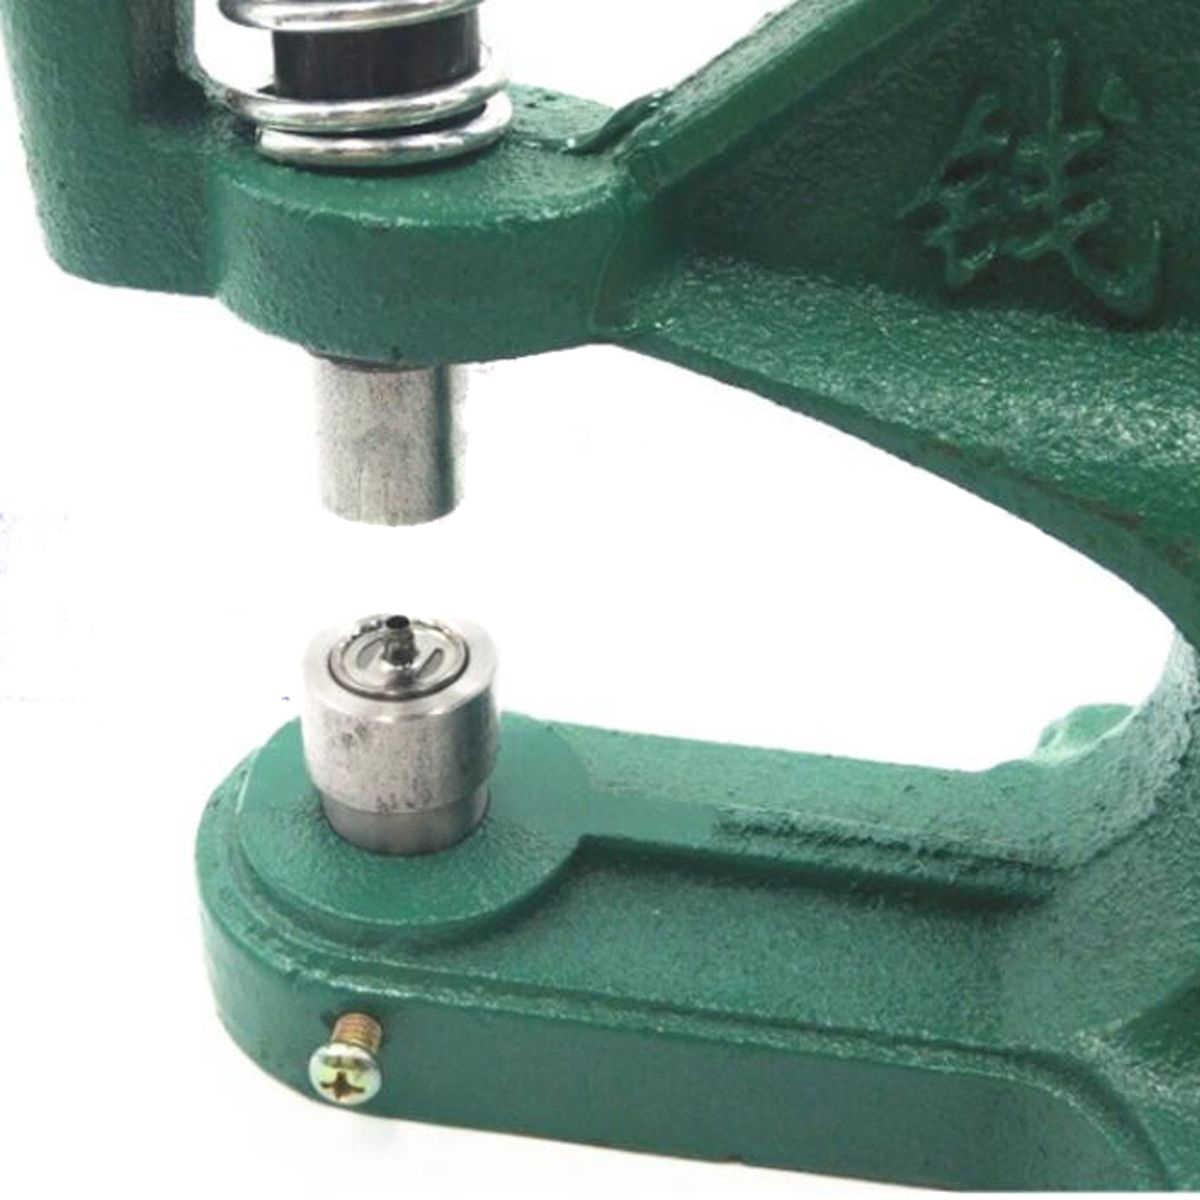 9.5-15 Mm Manual Cakar Gesper Snap Pengikat Mati Tekanan Tangan Menekan Clamp Mesin Alat DIY